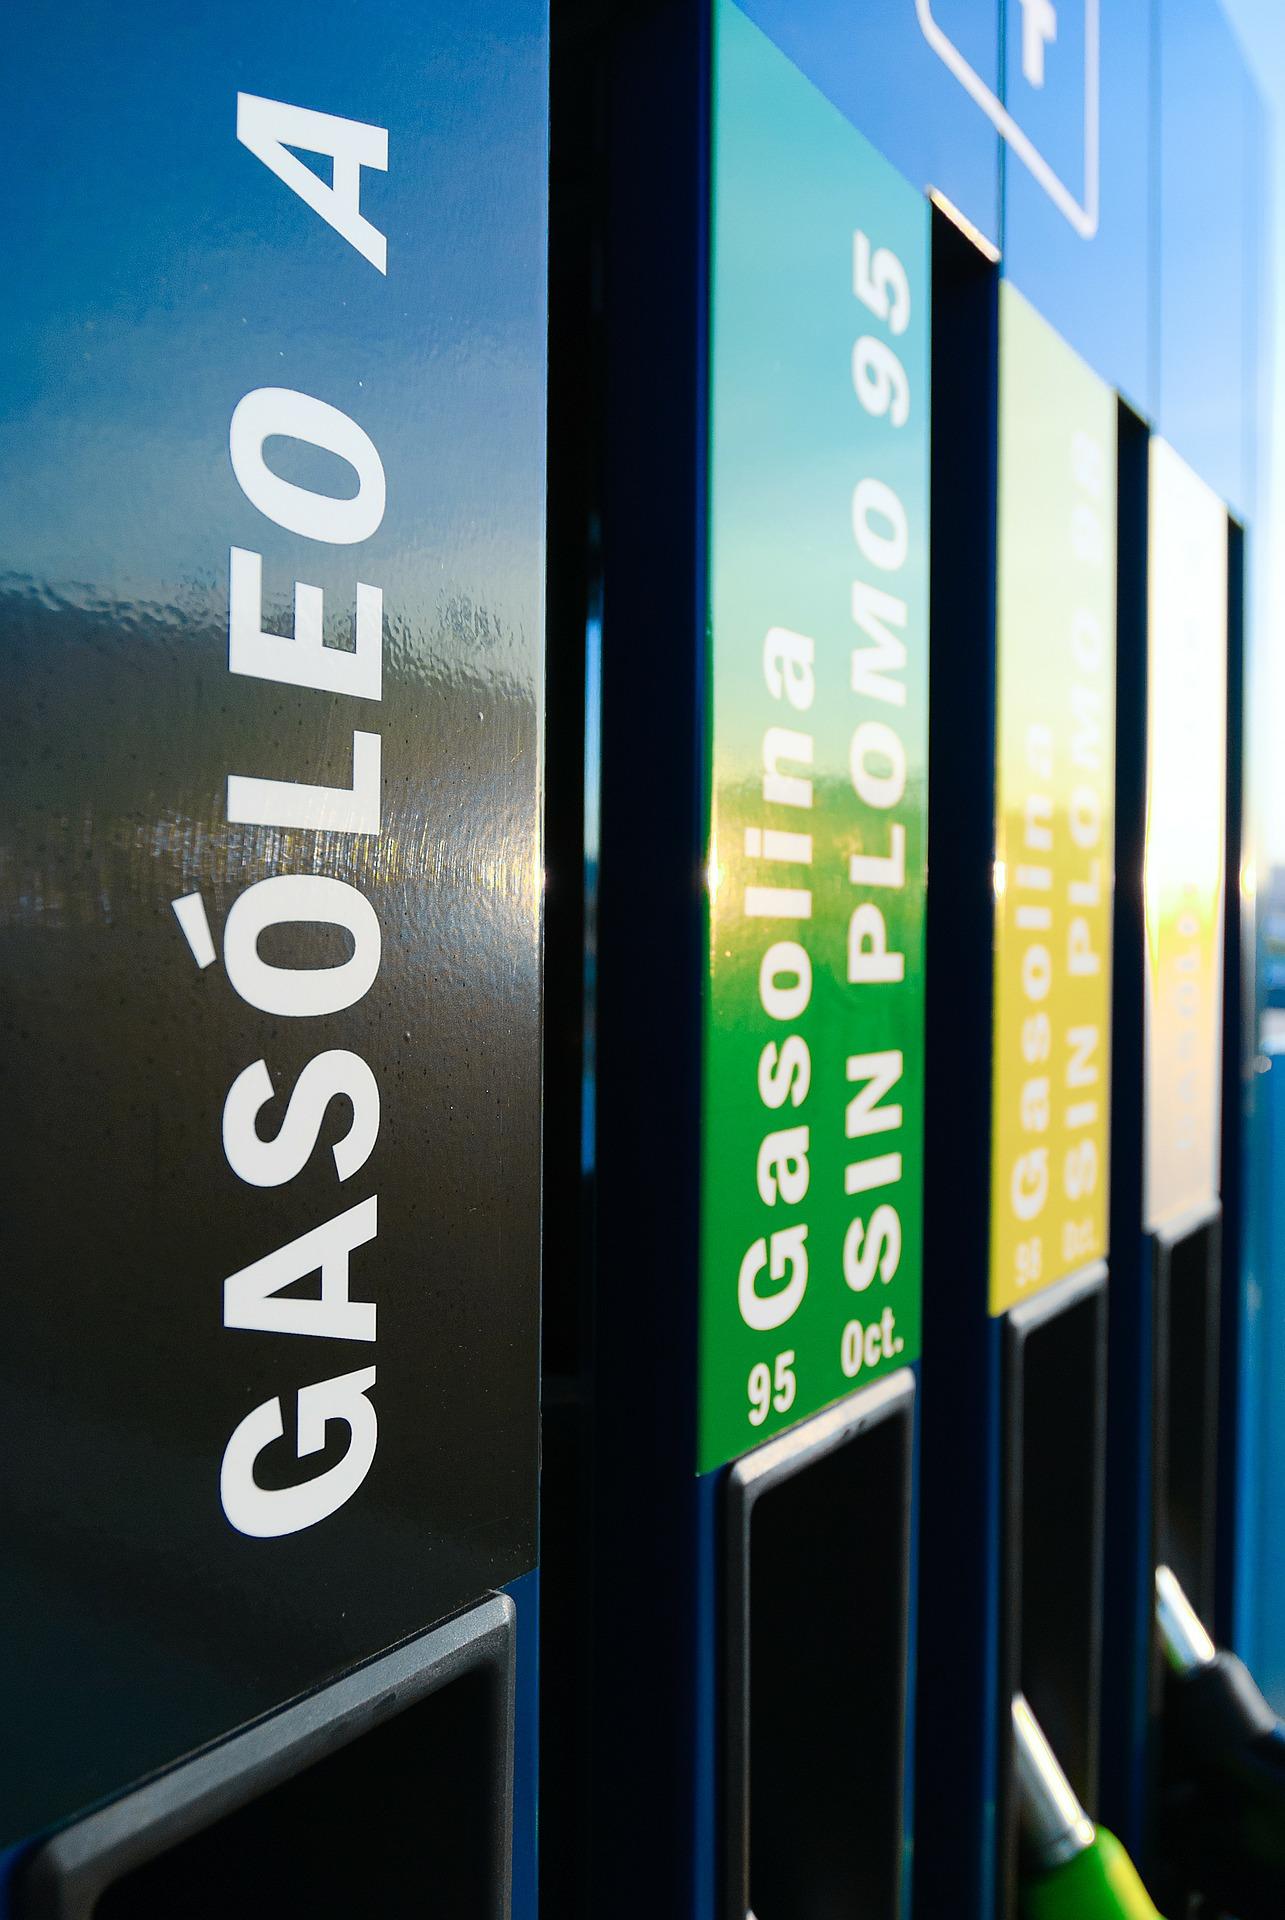 La estadística de los precios de la gasolina hoy